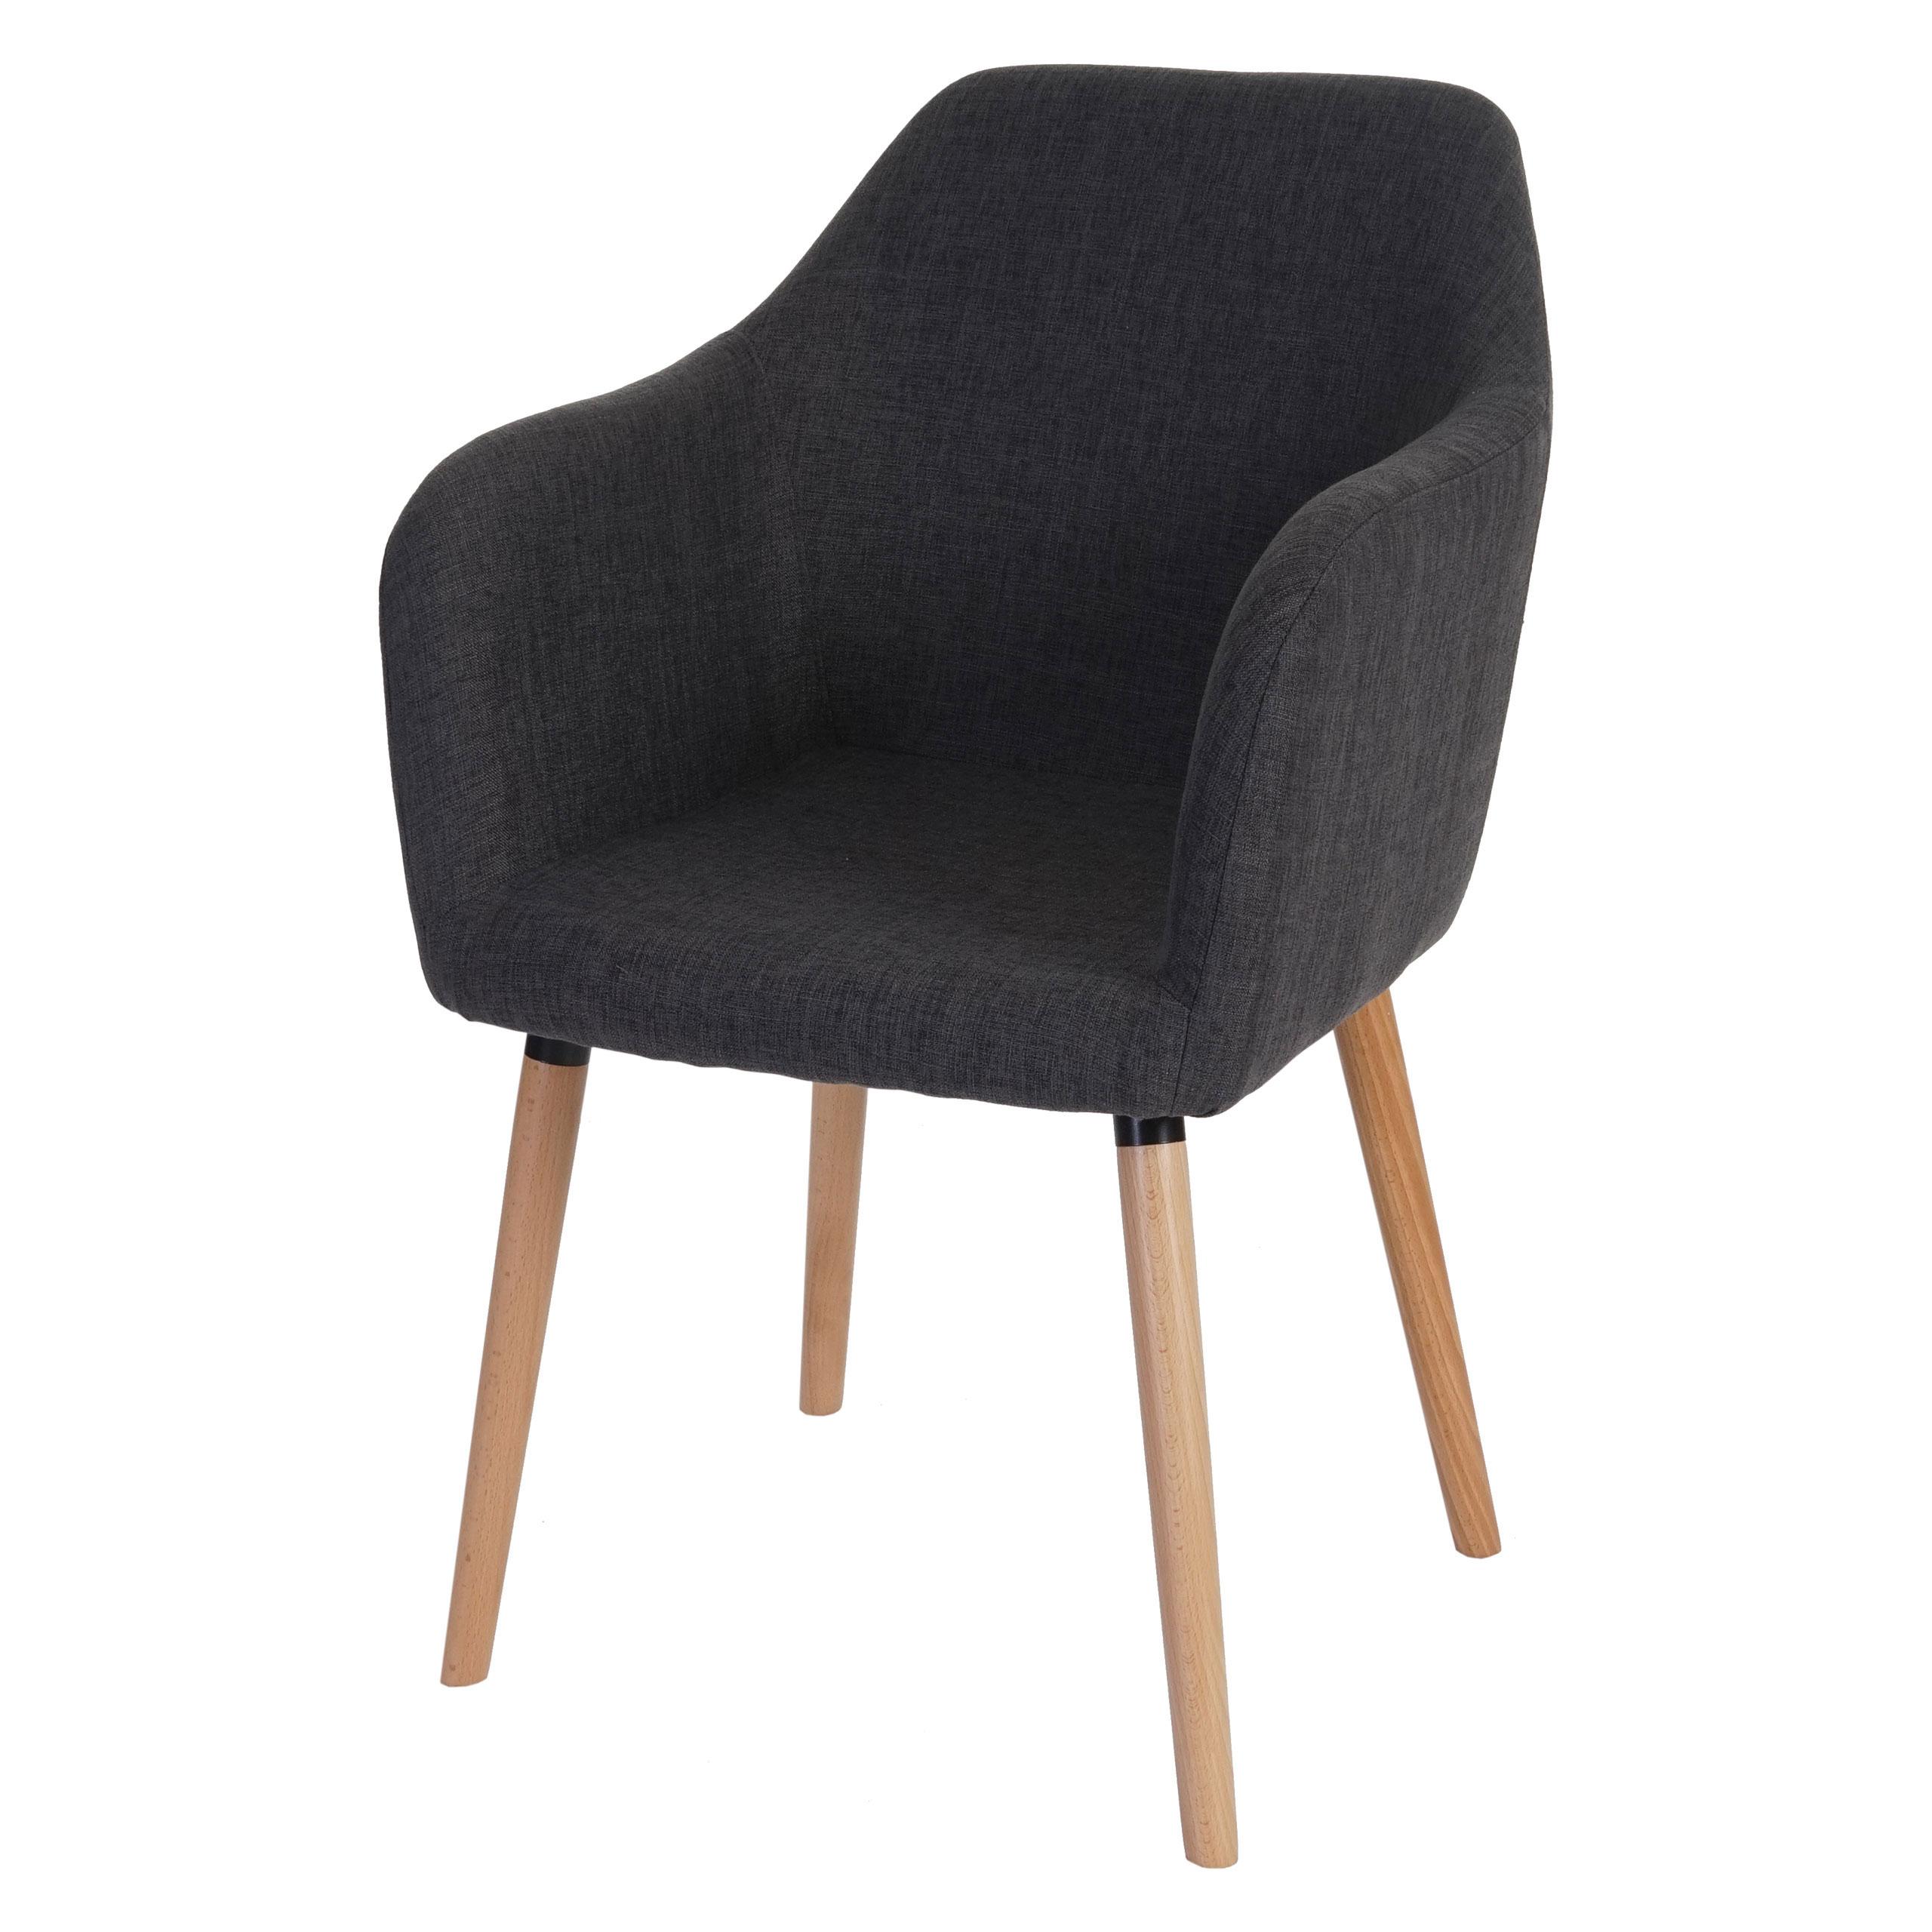 Esszimmerstuhl malm t381 stuhl lehnstuhl retro 50er for Stuhl design geschichte